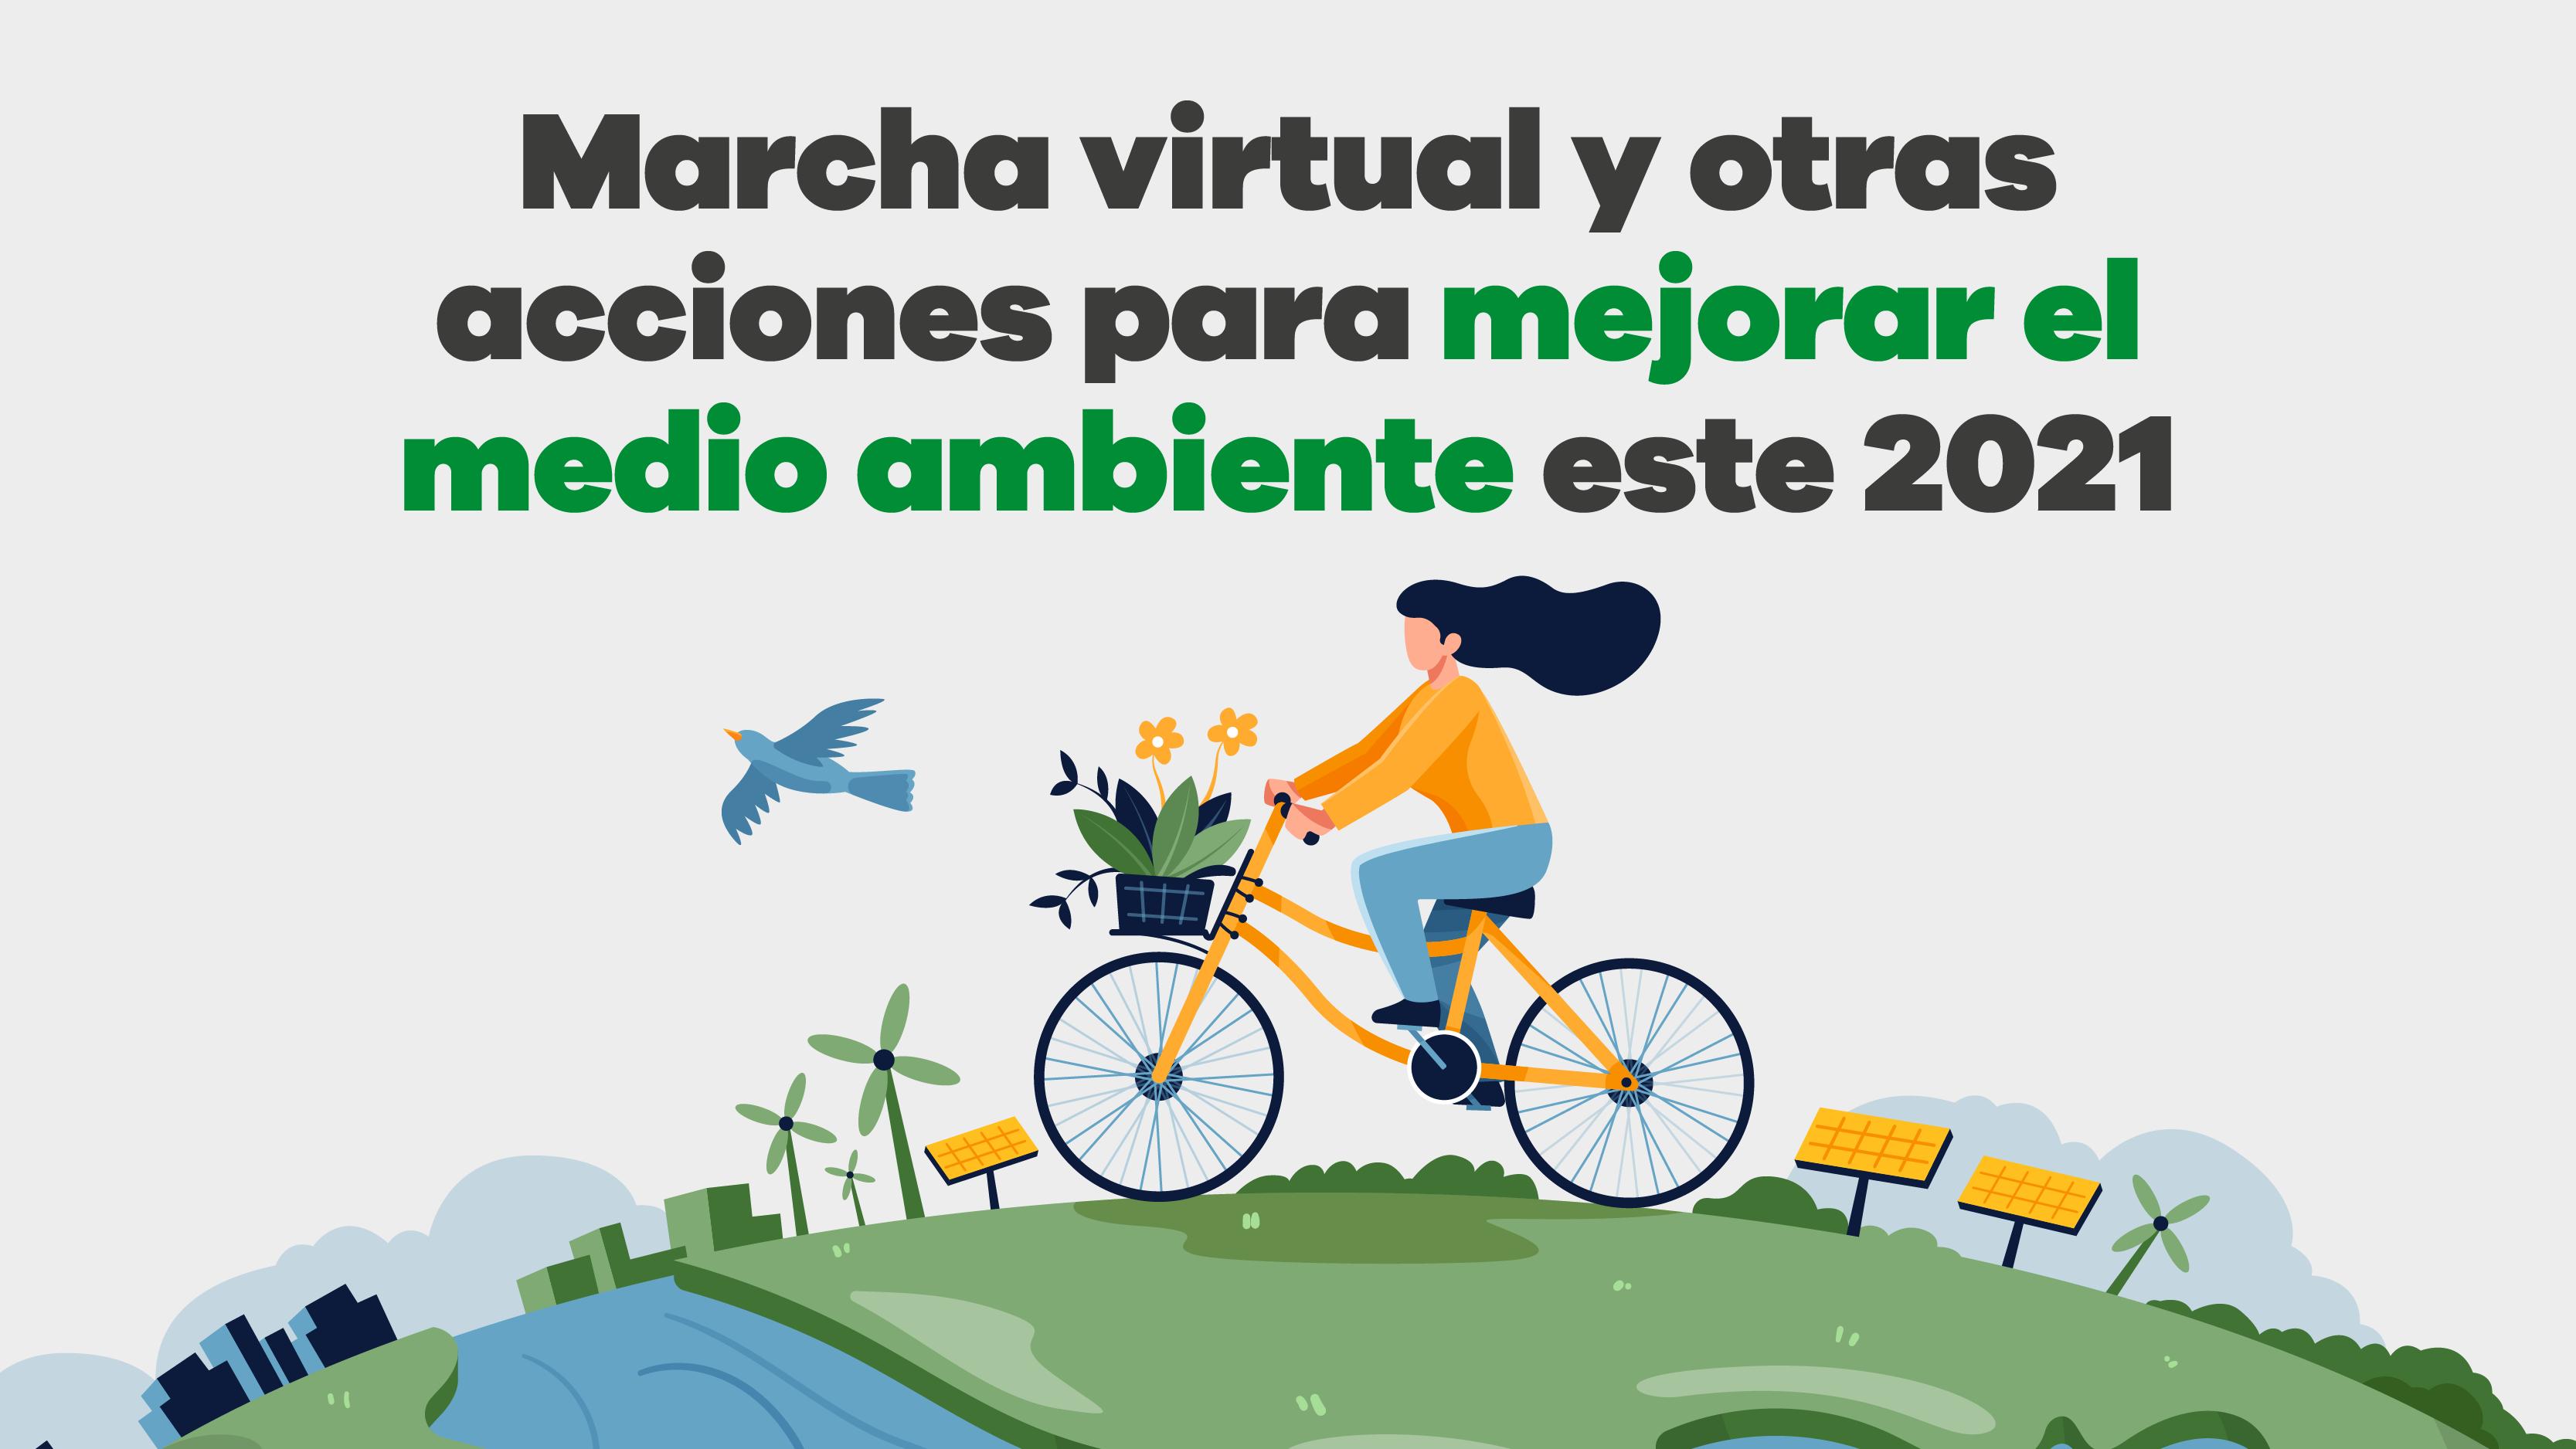 marcha virtual y otras acciones para mejorar el medio ambiente este 2021